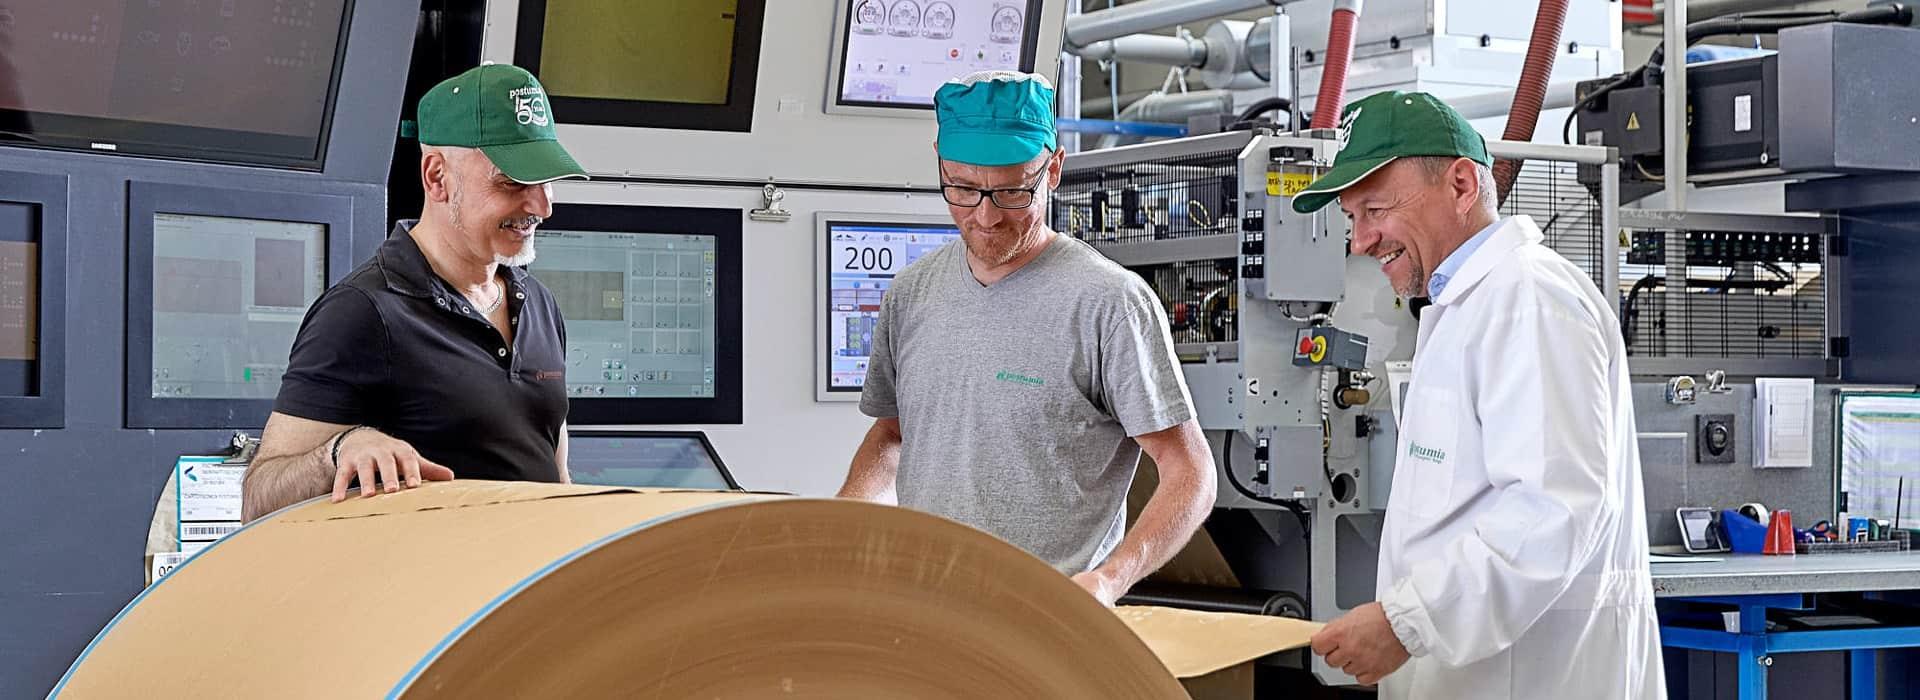 tre addetti alla creazione di packaging di carta